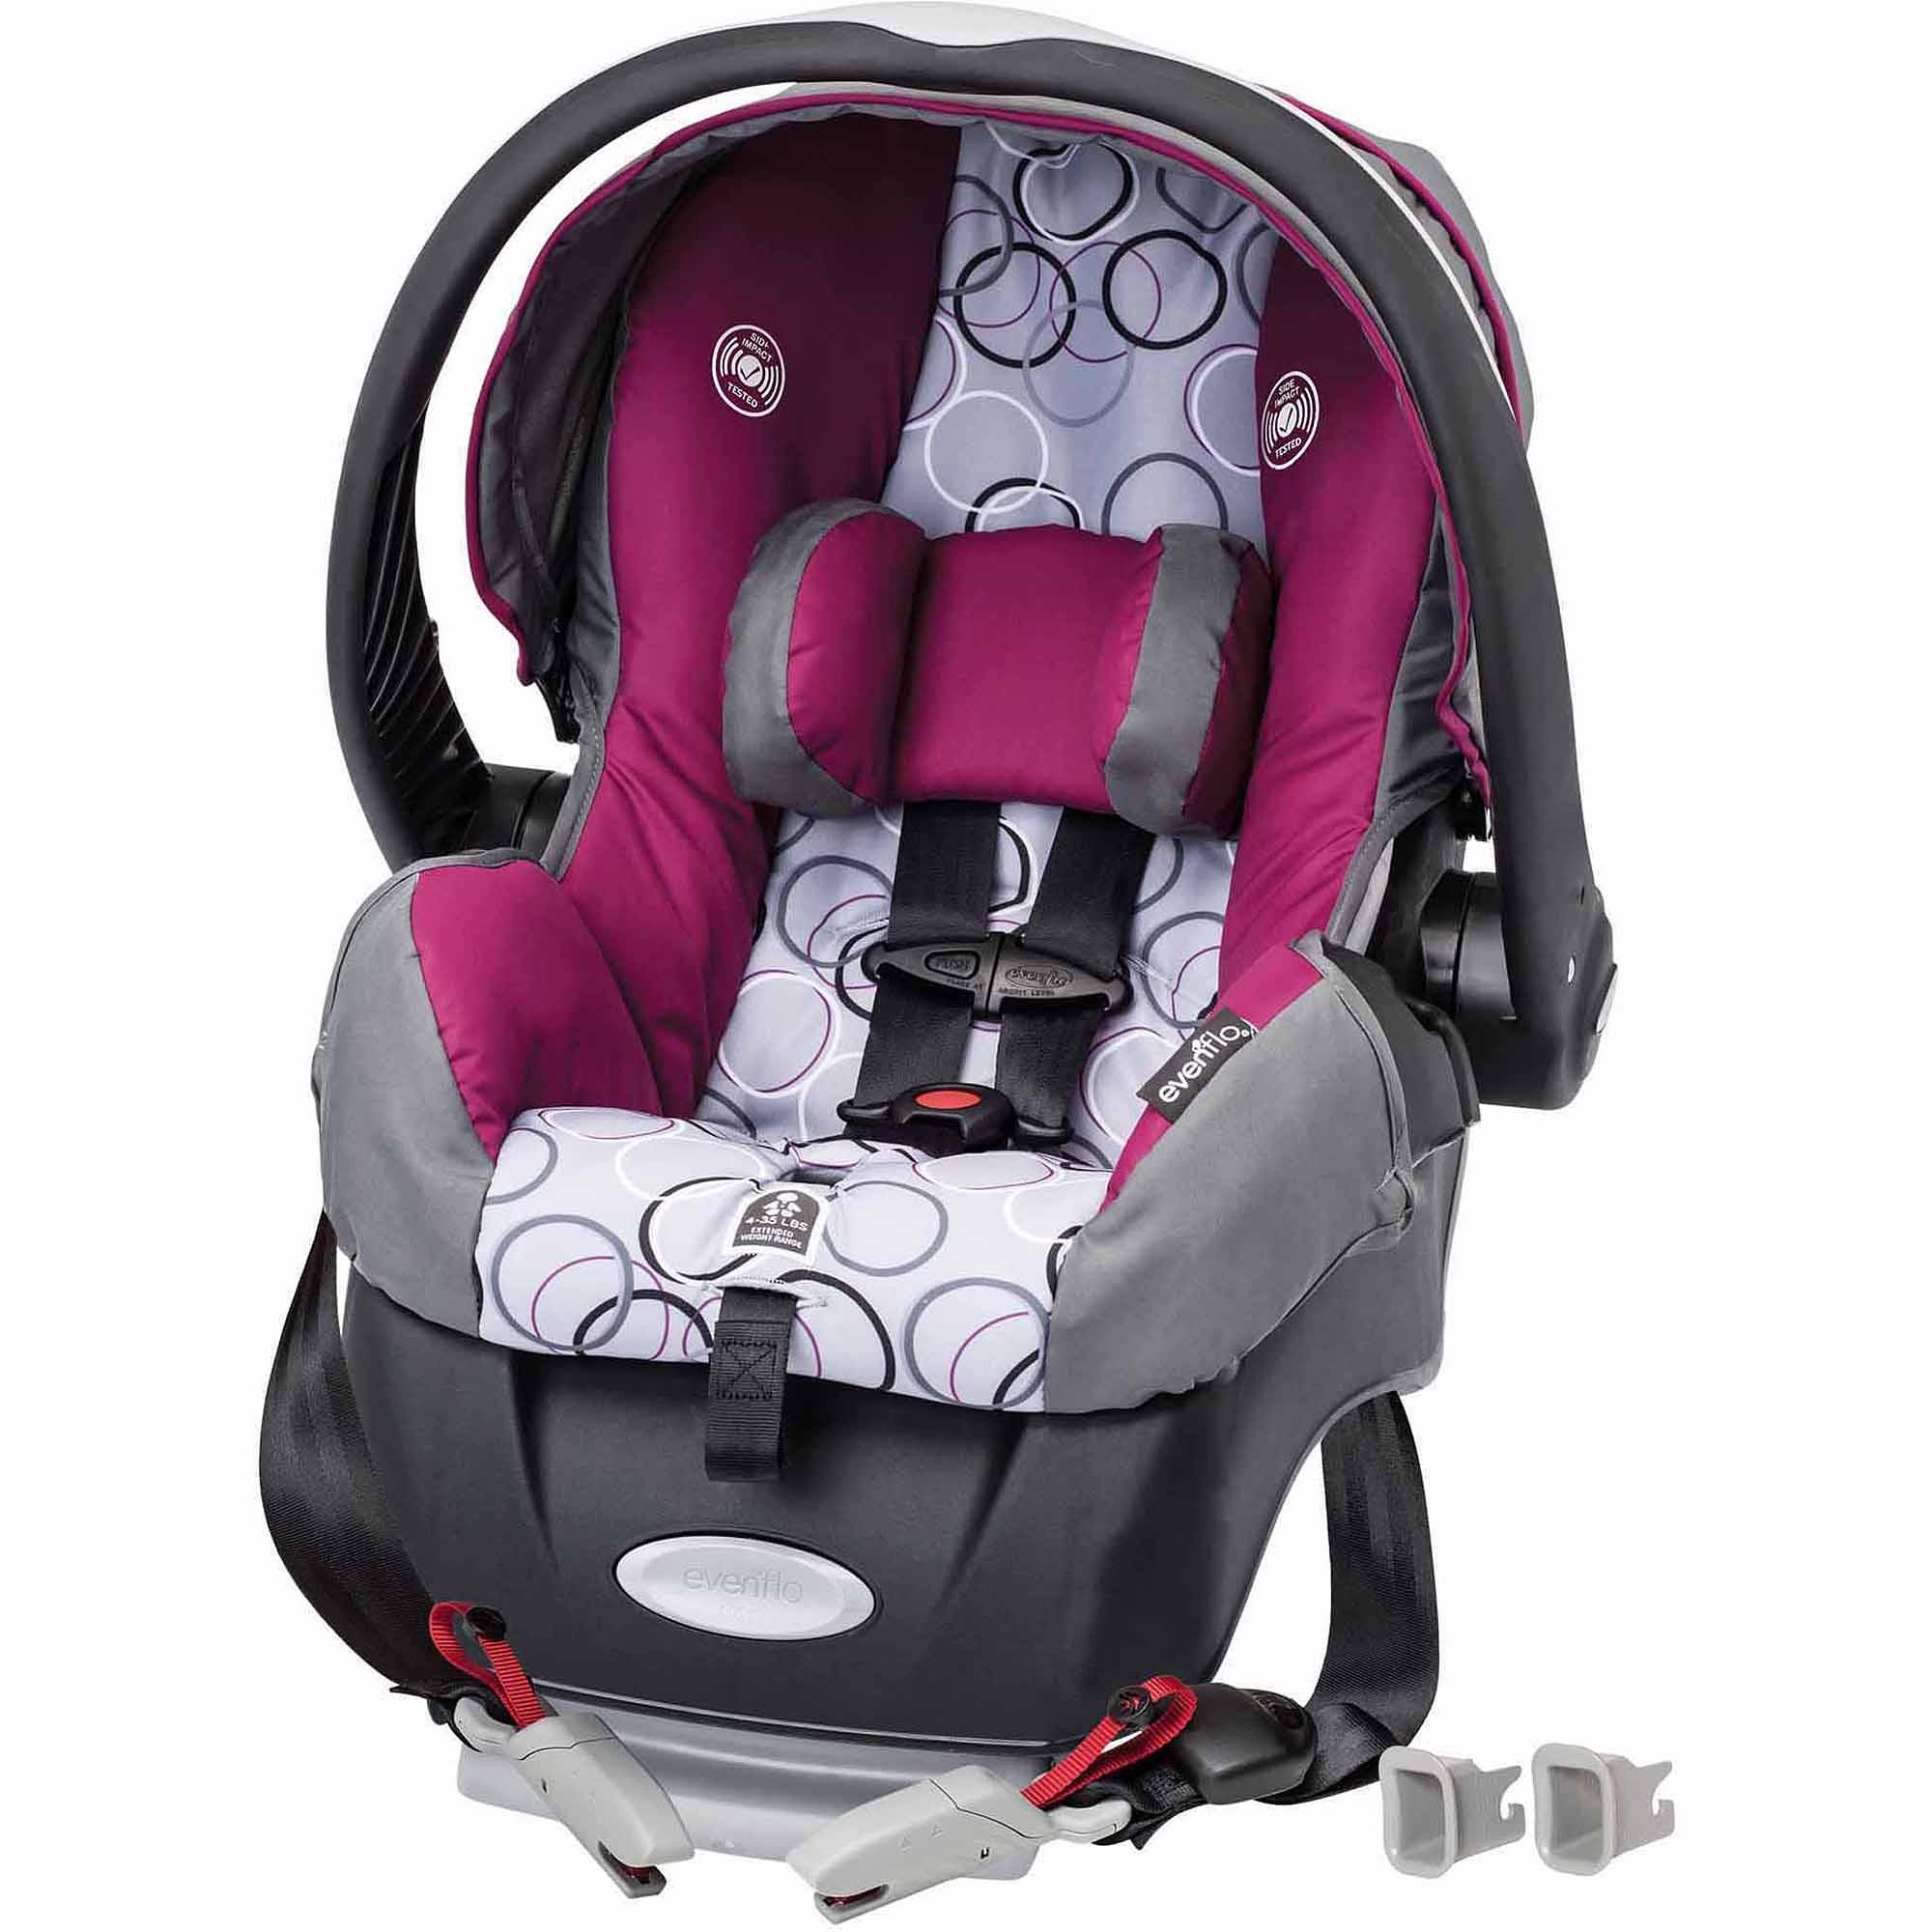 Evenflo Emce Select Infant Car Seat w/ SureSafe Installation ...